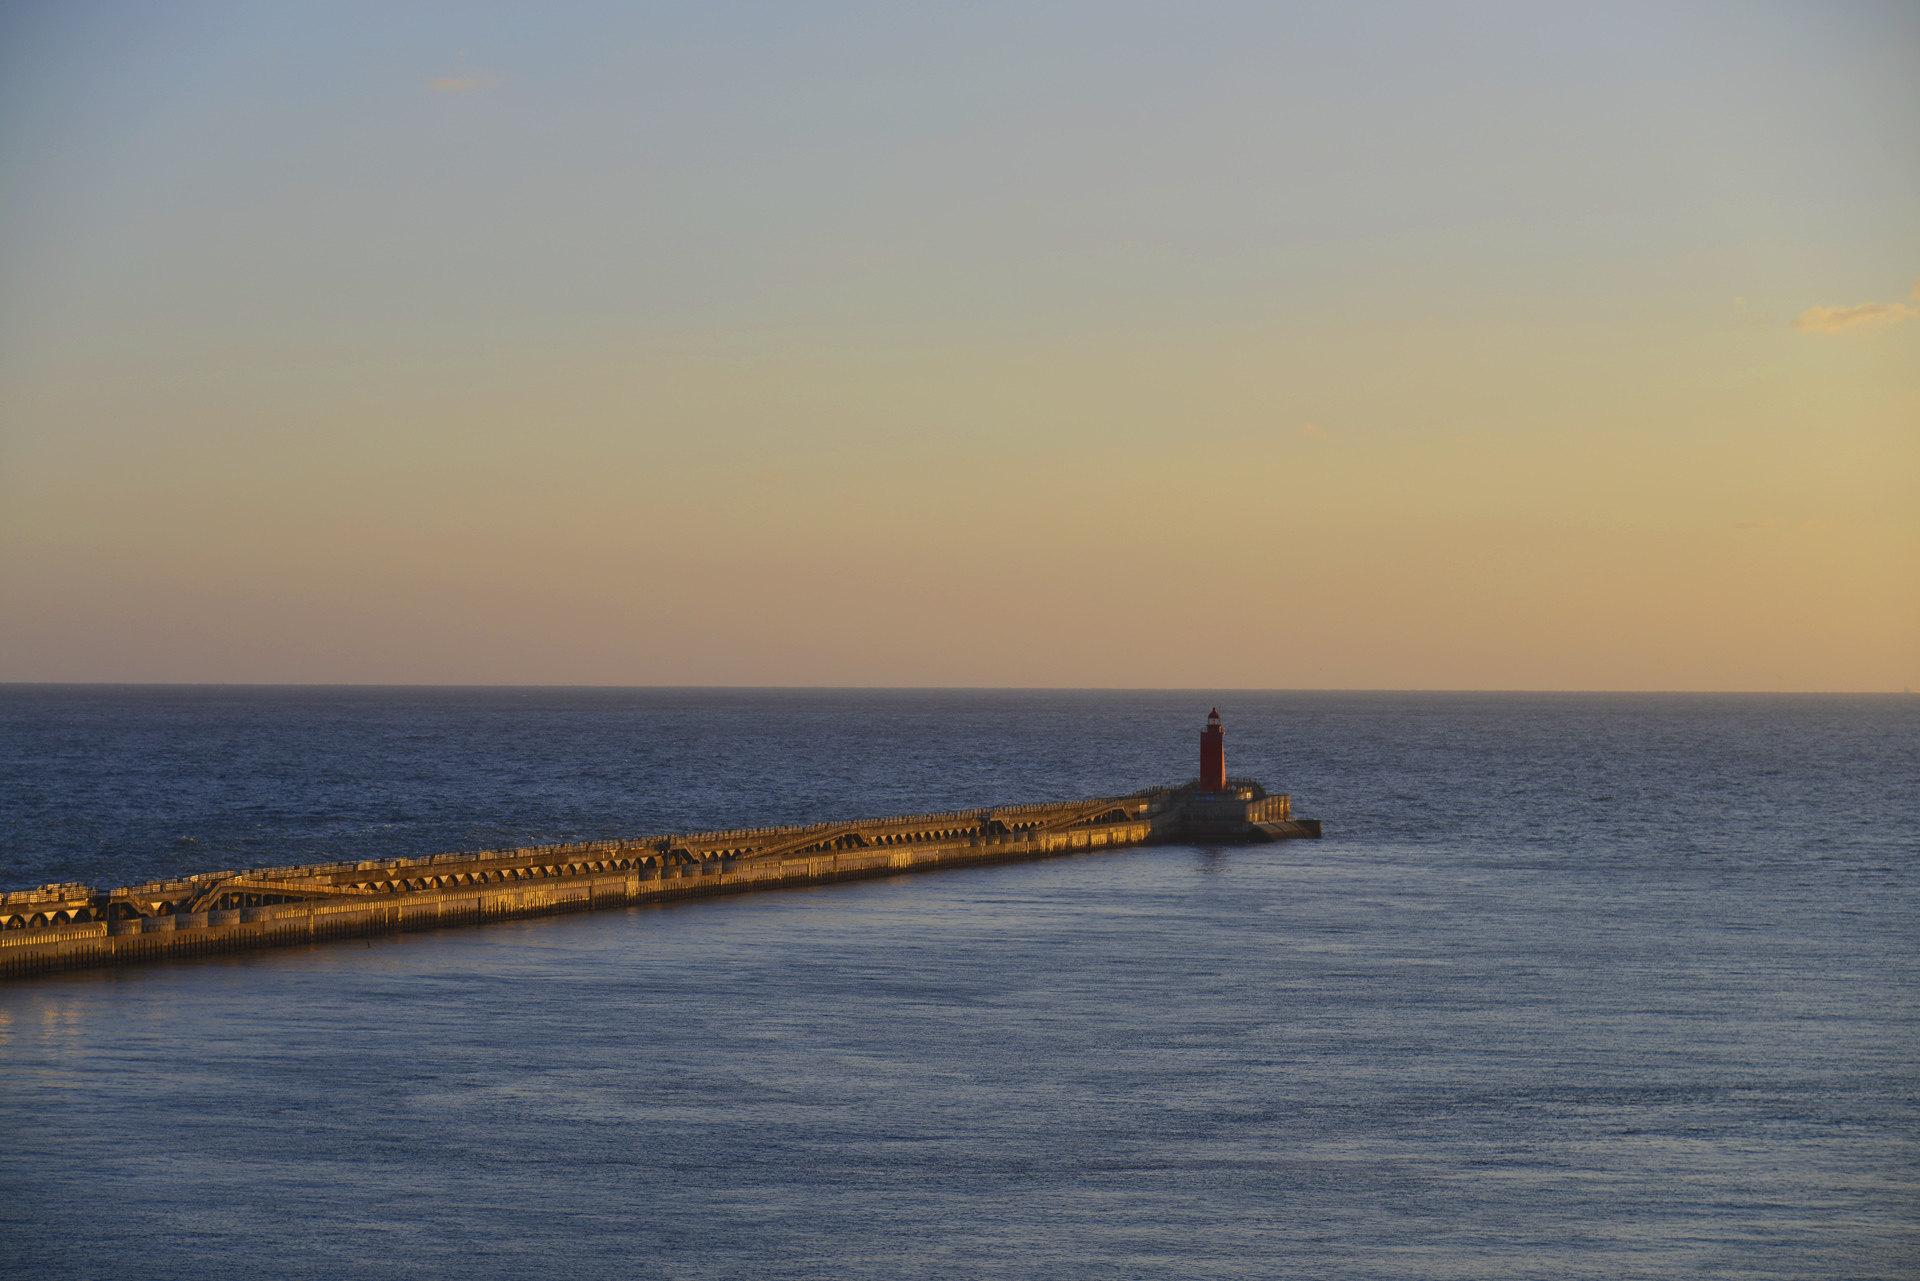 韩国济州岛4日3晚跟团游(4钻)·纯玩宿市区 牛岛潜水艇+水族馆+泰迪+凯蒂猫